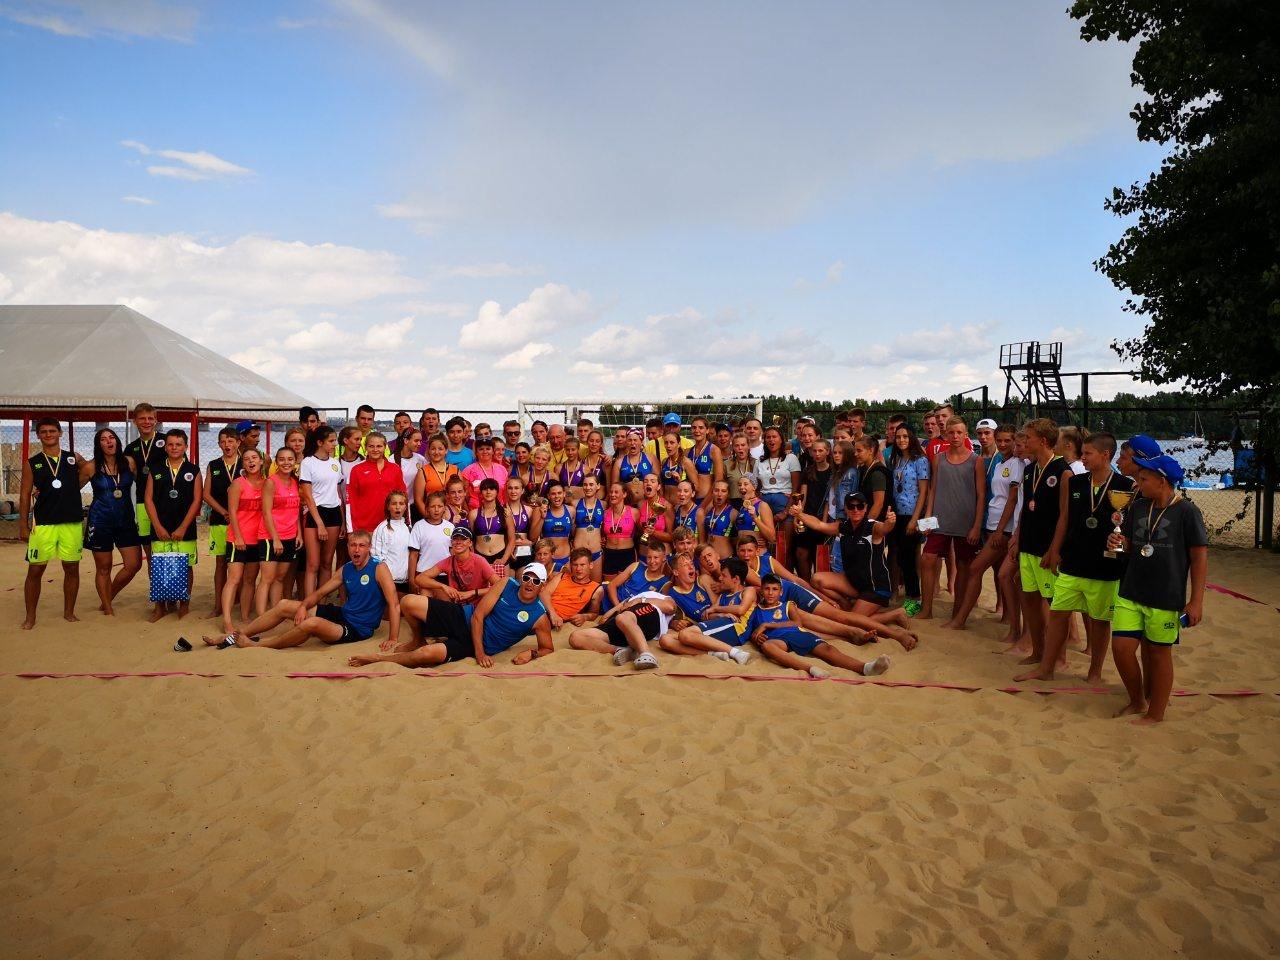 чемпіонат України з пляжного гандболу у Черкасах. ффото